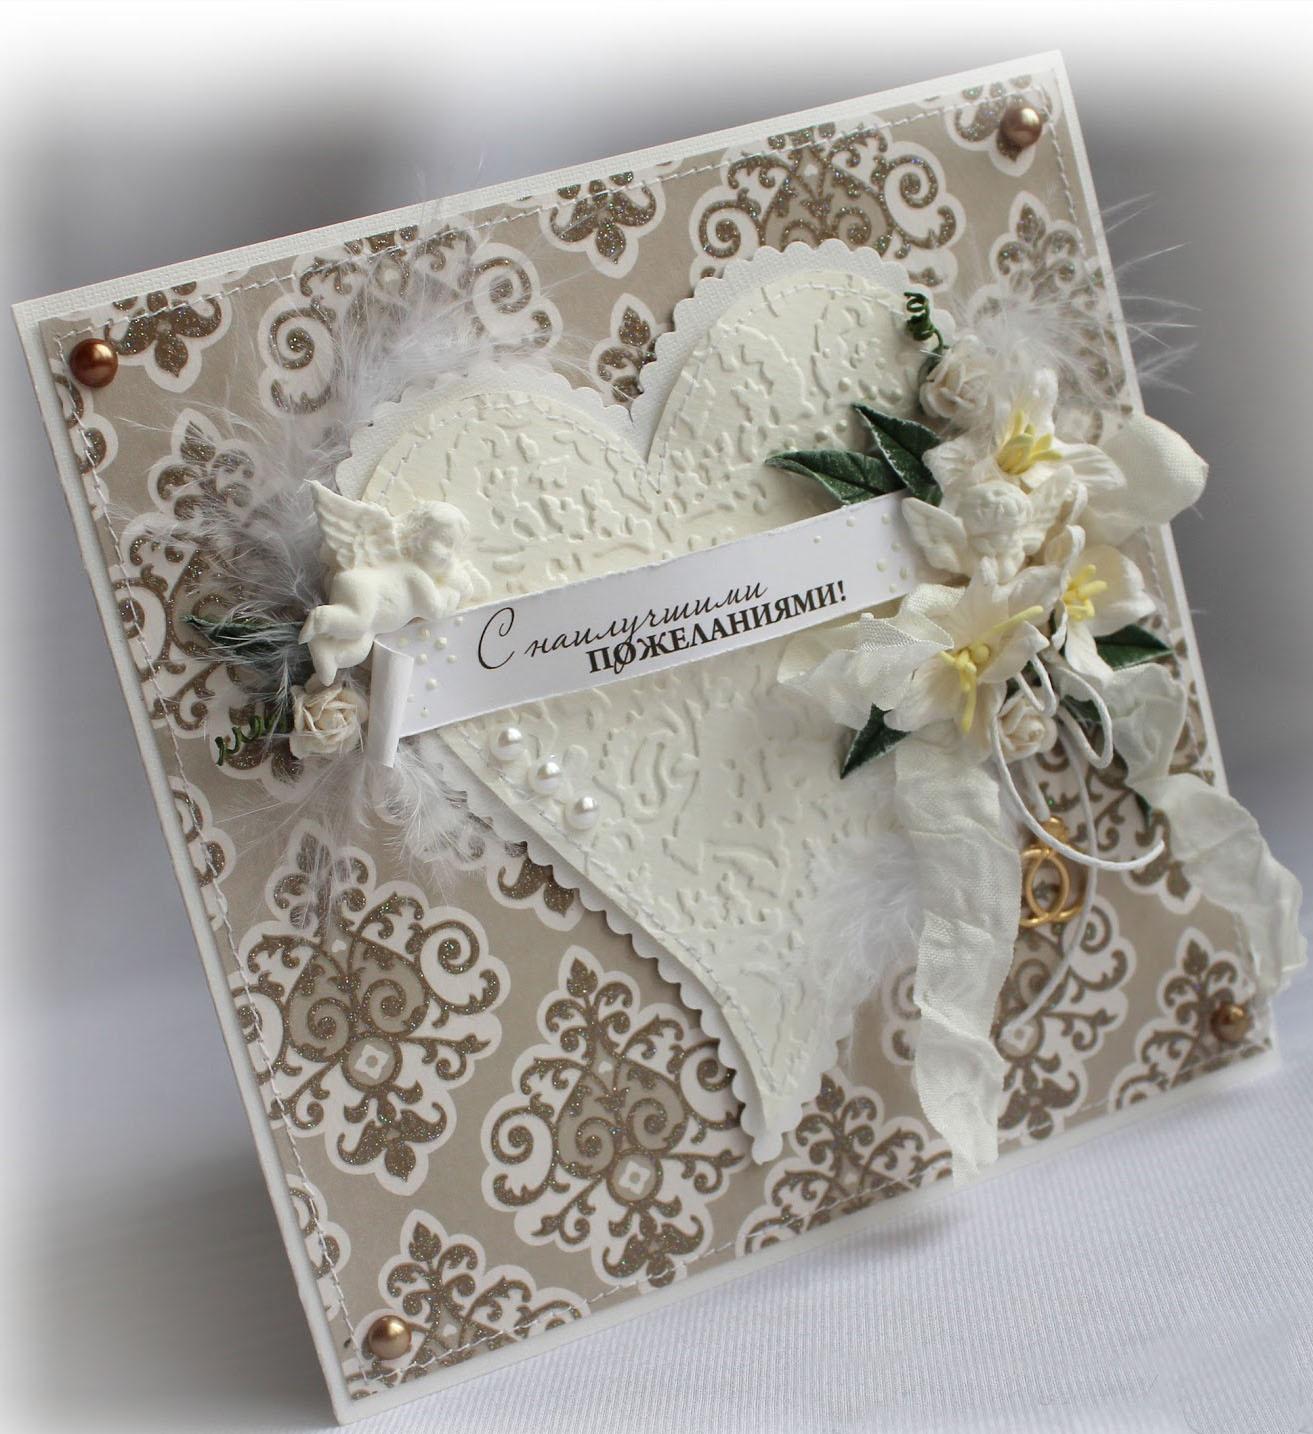 Открытки со свадьбой красивые своими руками